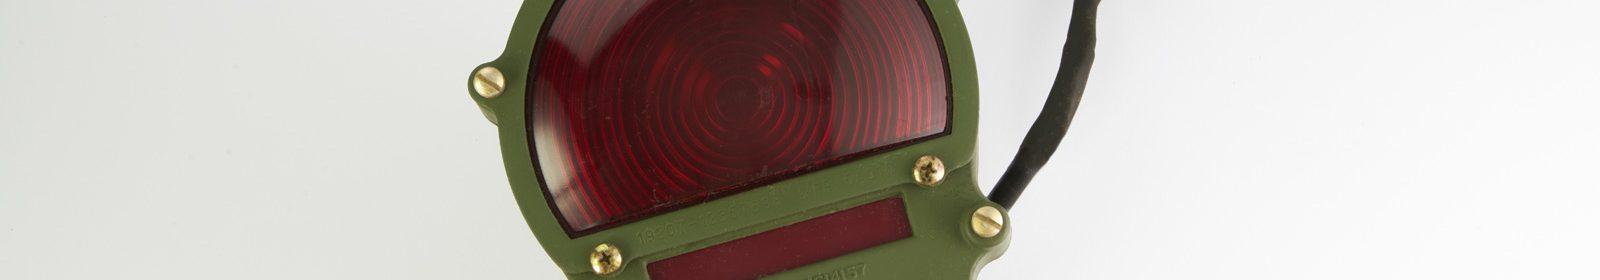 blackout-marker-lamp-rear-stop-turn